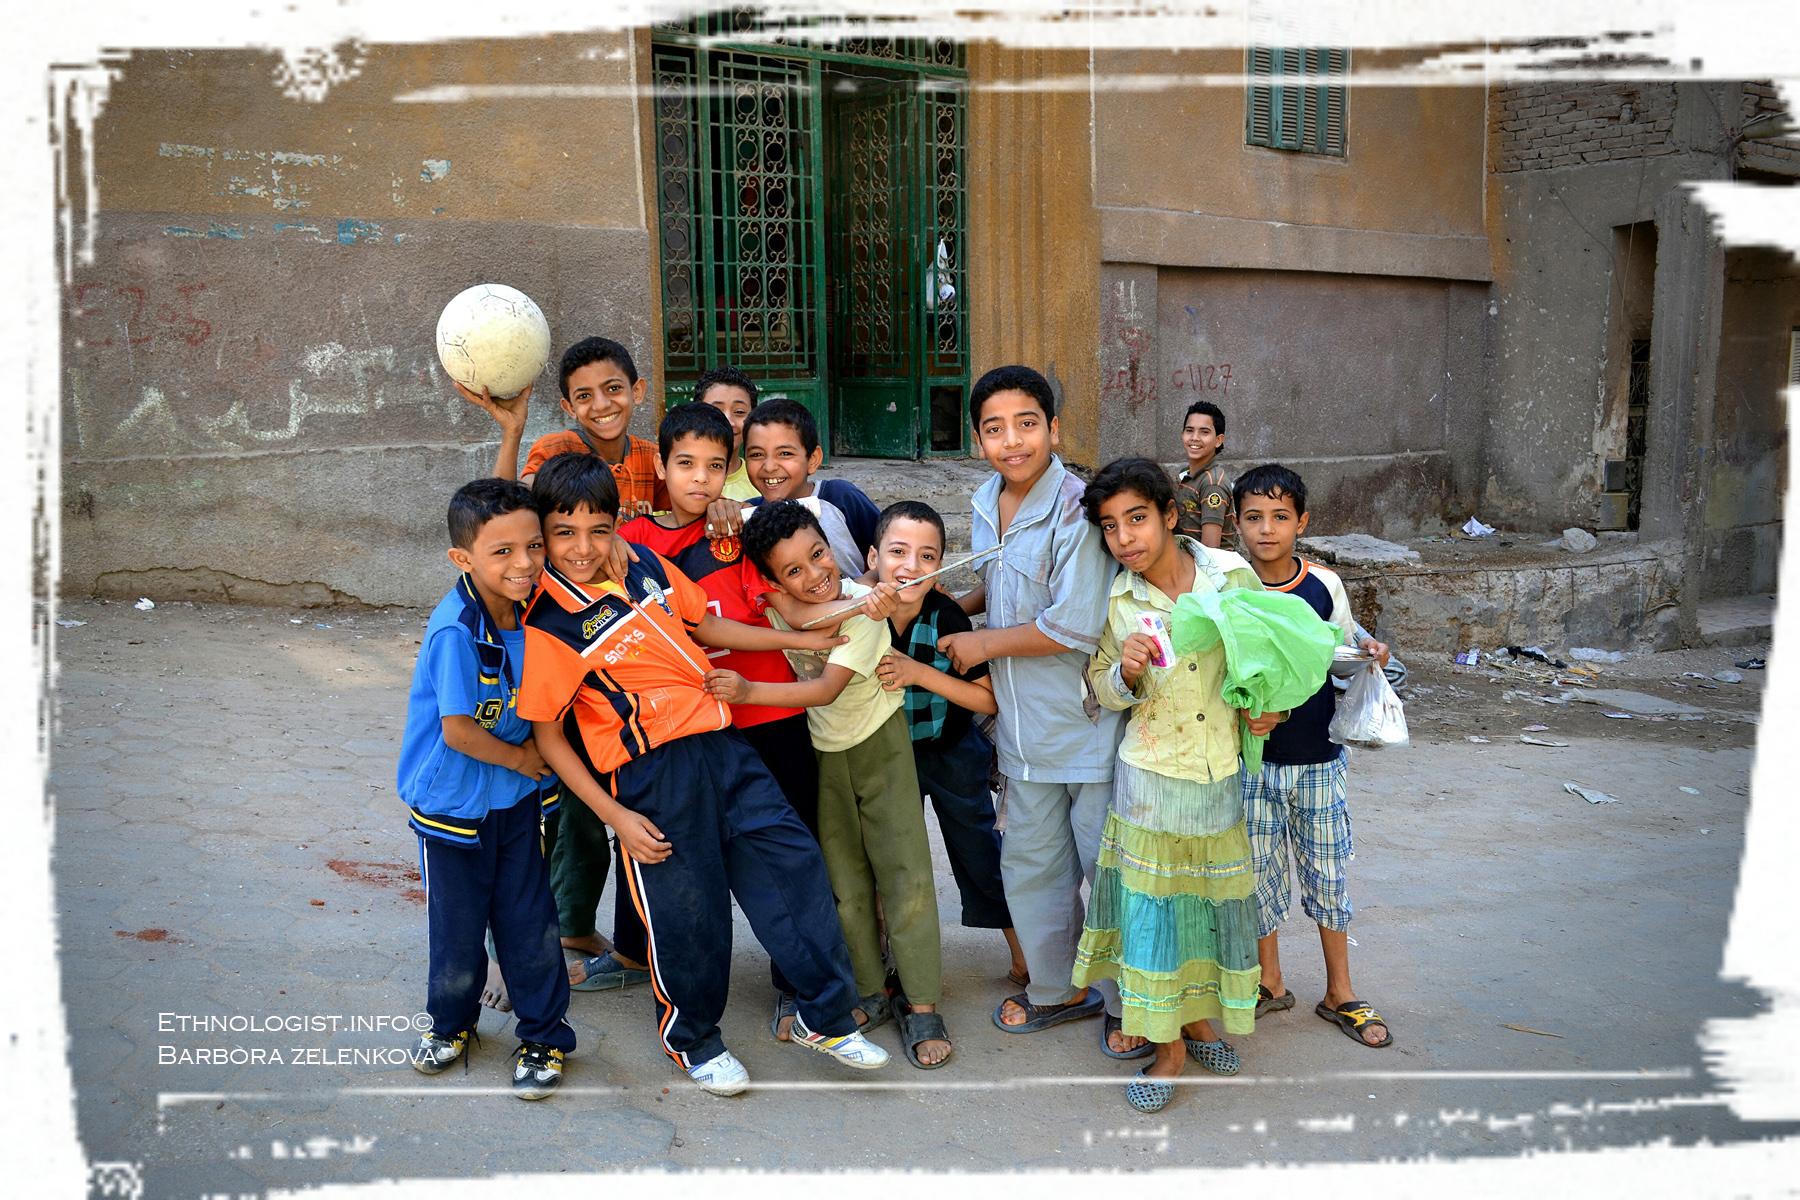 Ačkoliv děti v chudinských čtvrtí vyrůstají v chudobě, září štěstím a nadšením. Foto: Barbora Zelenková, Garbage City, Káhira, 2011.